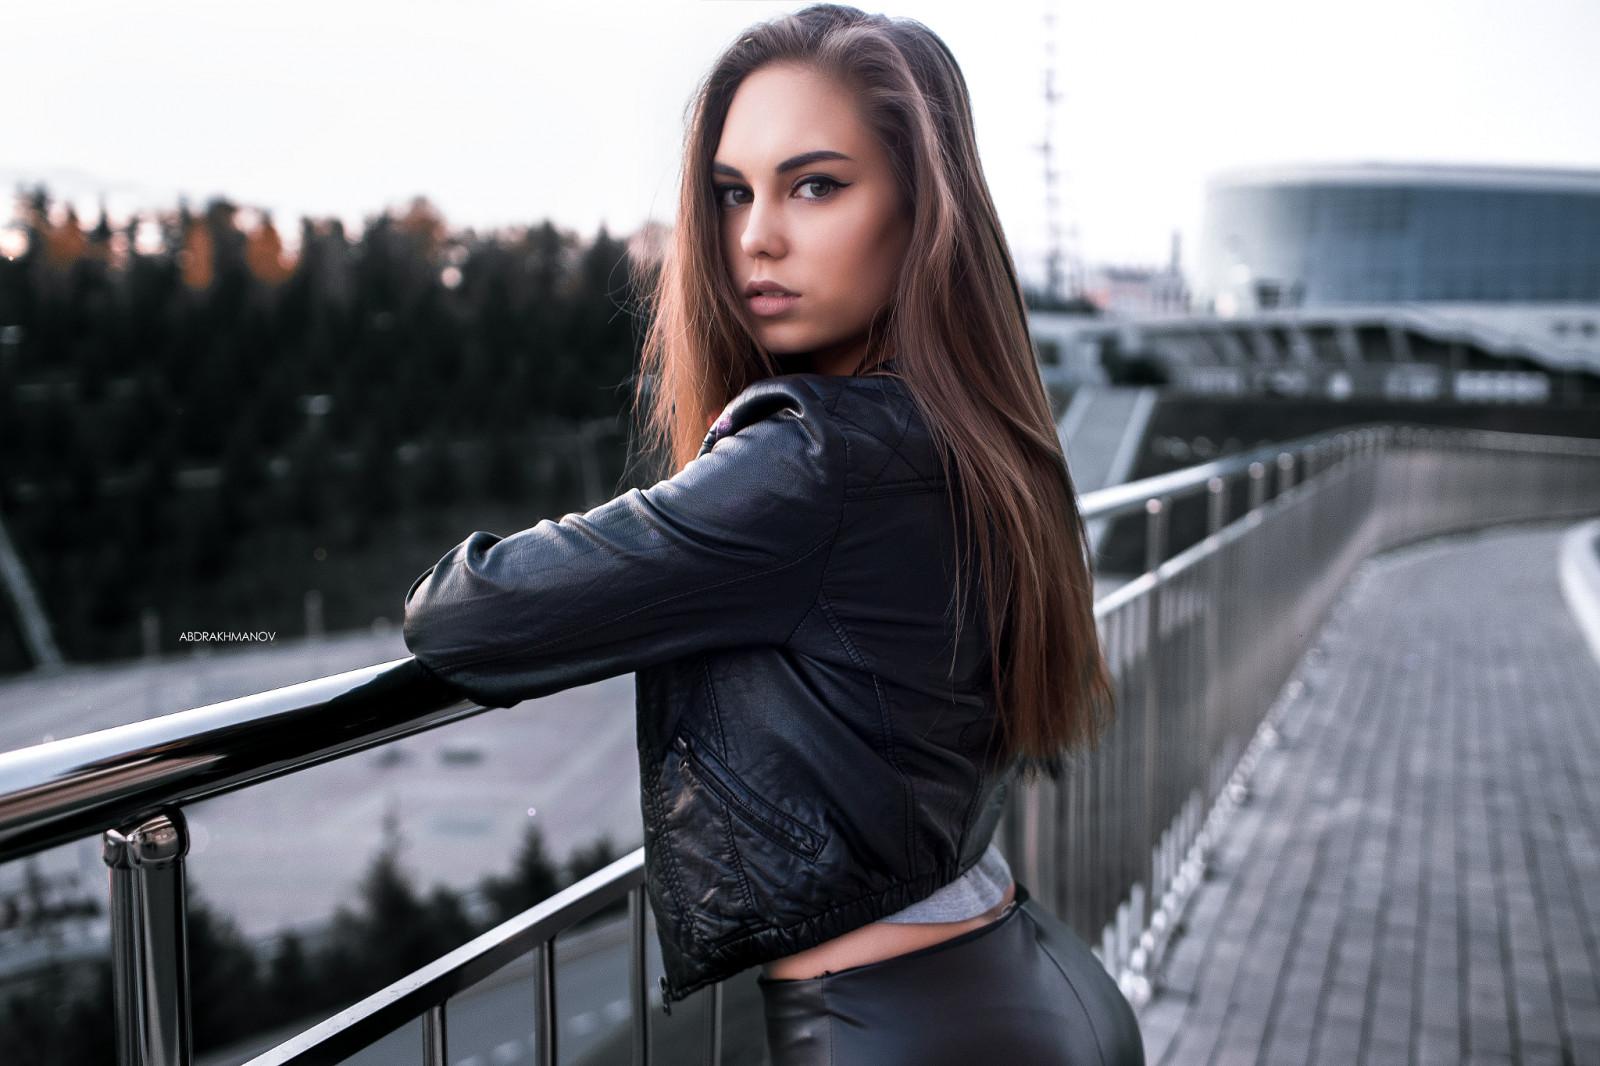 women portrait leather jackets women outdoors